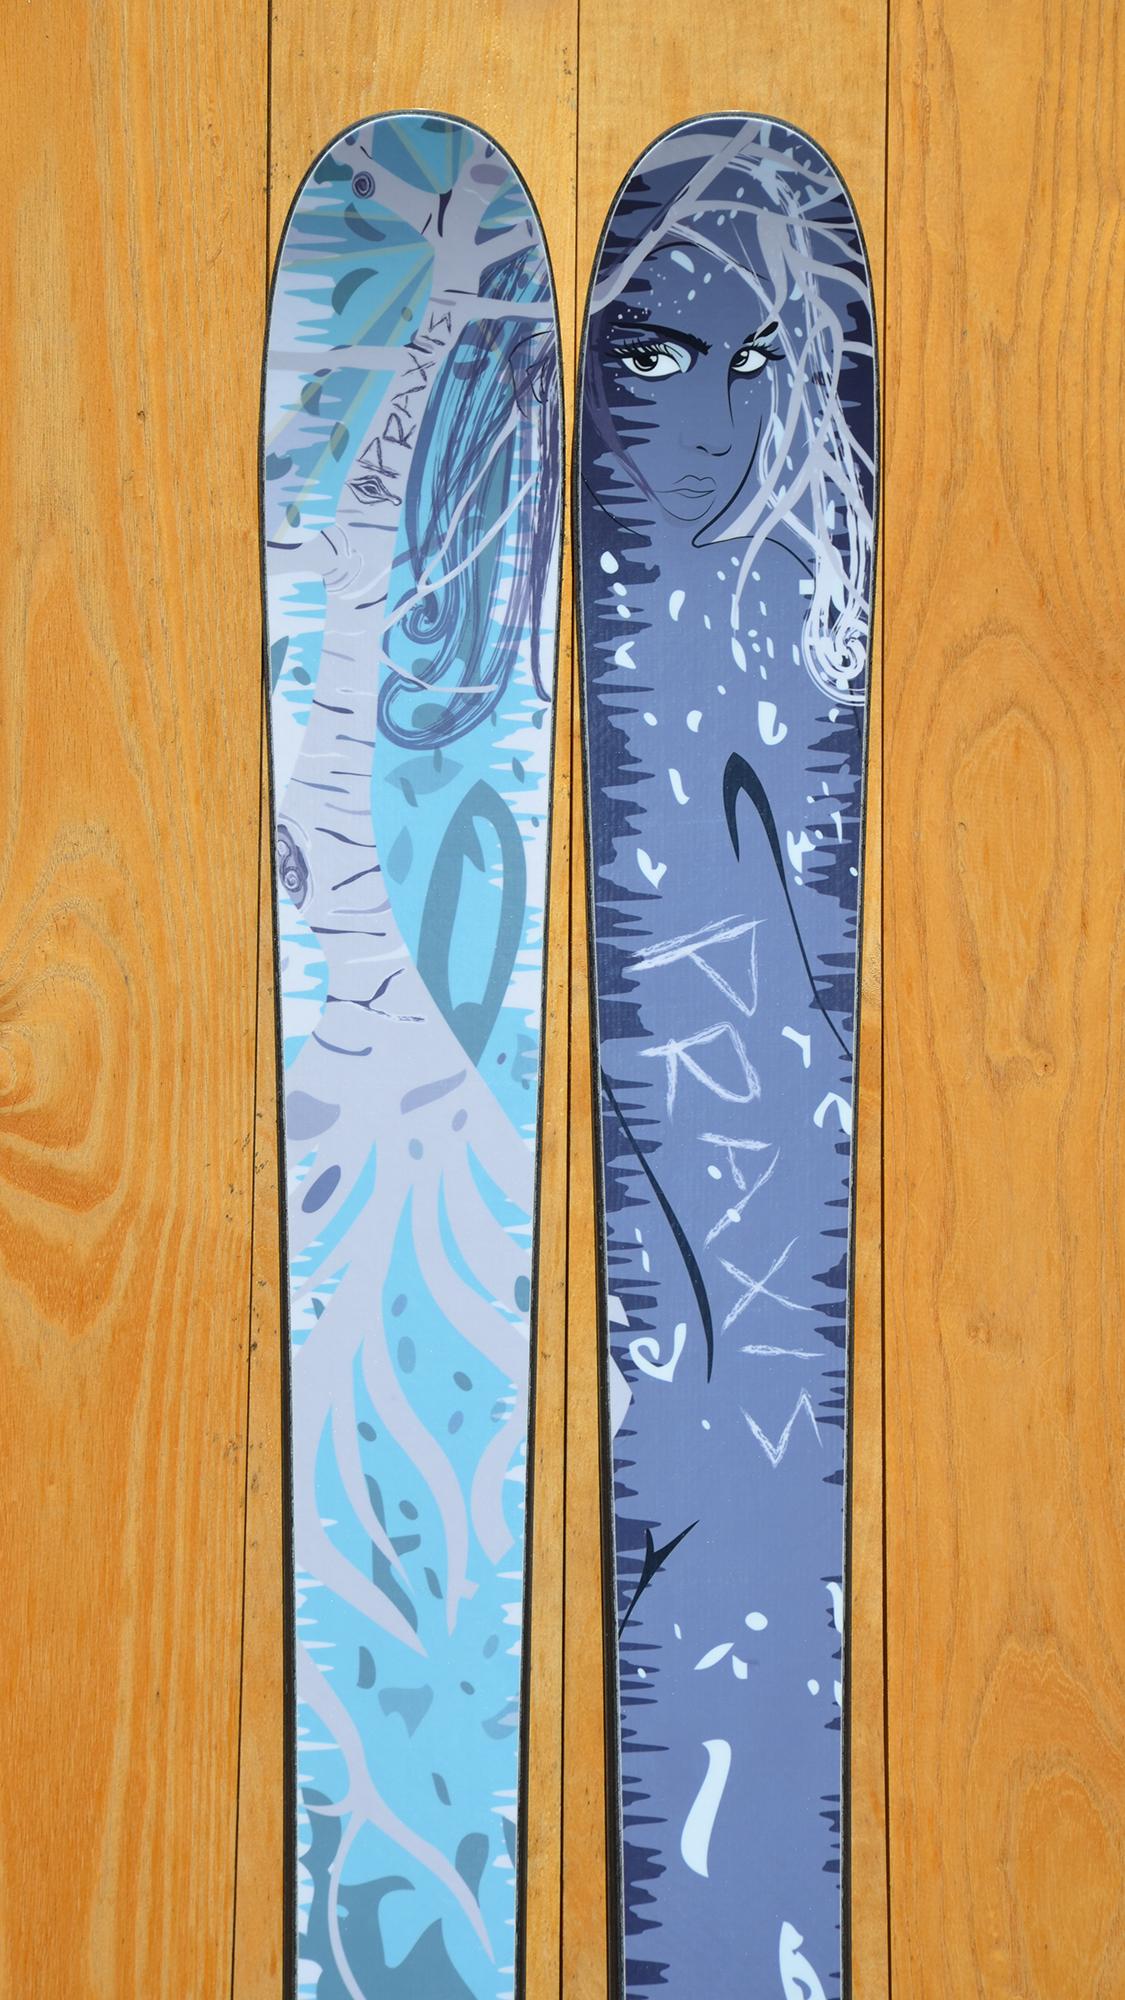 mvp-94-image-of-ski-tips.jpg